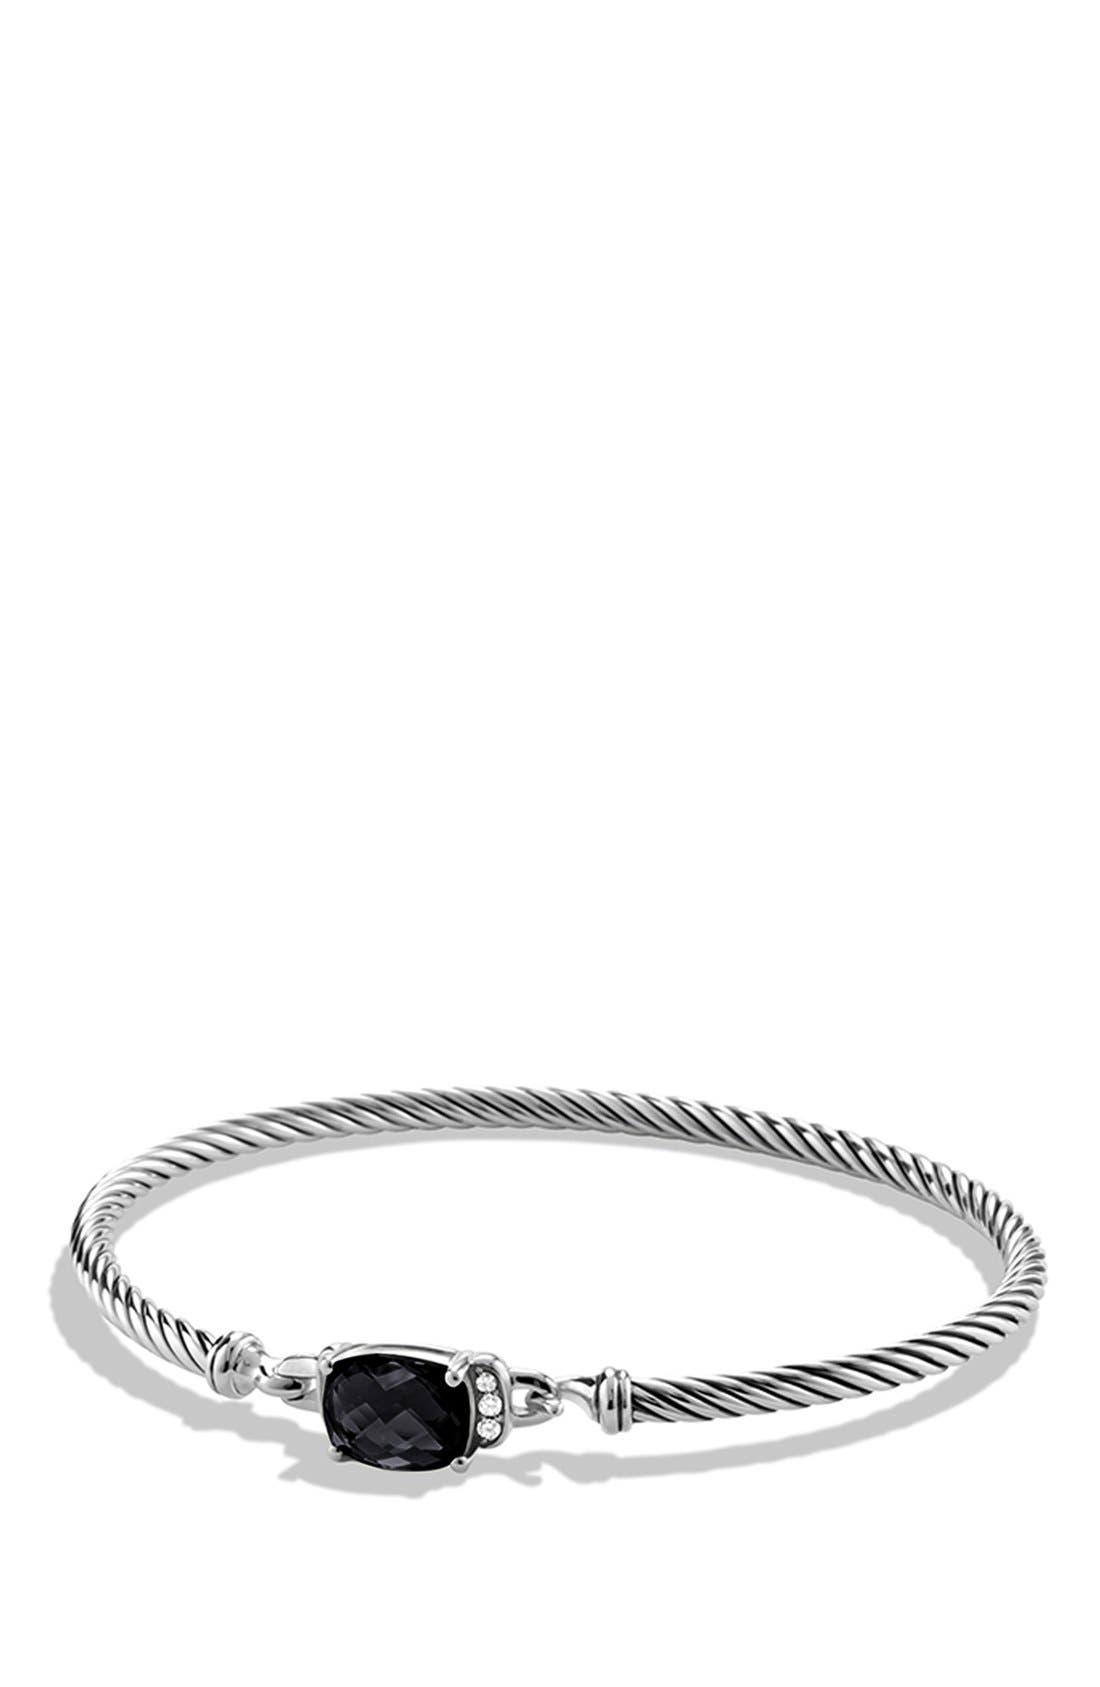 Alternate Image 1 Selected - David Yurman 'Petite Wheaton' Bracelet with Semiprecious Stone & Diamonds